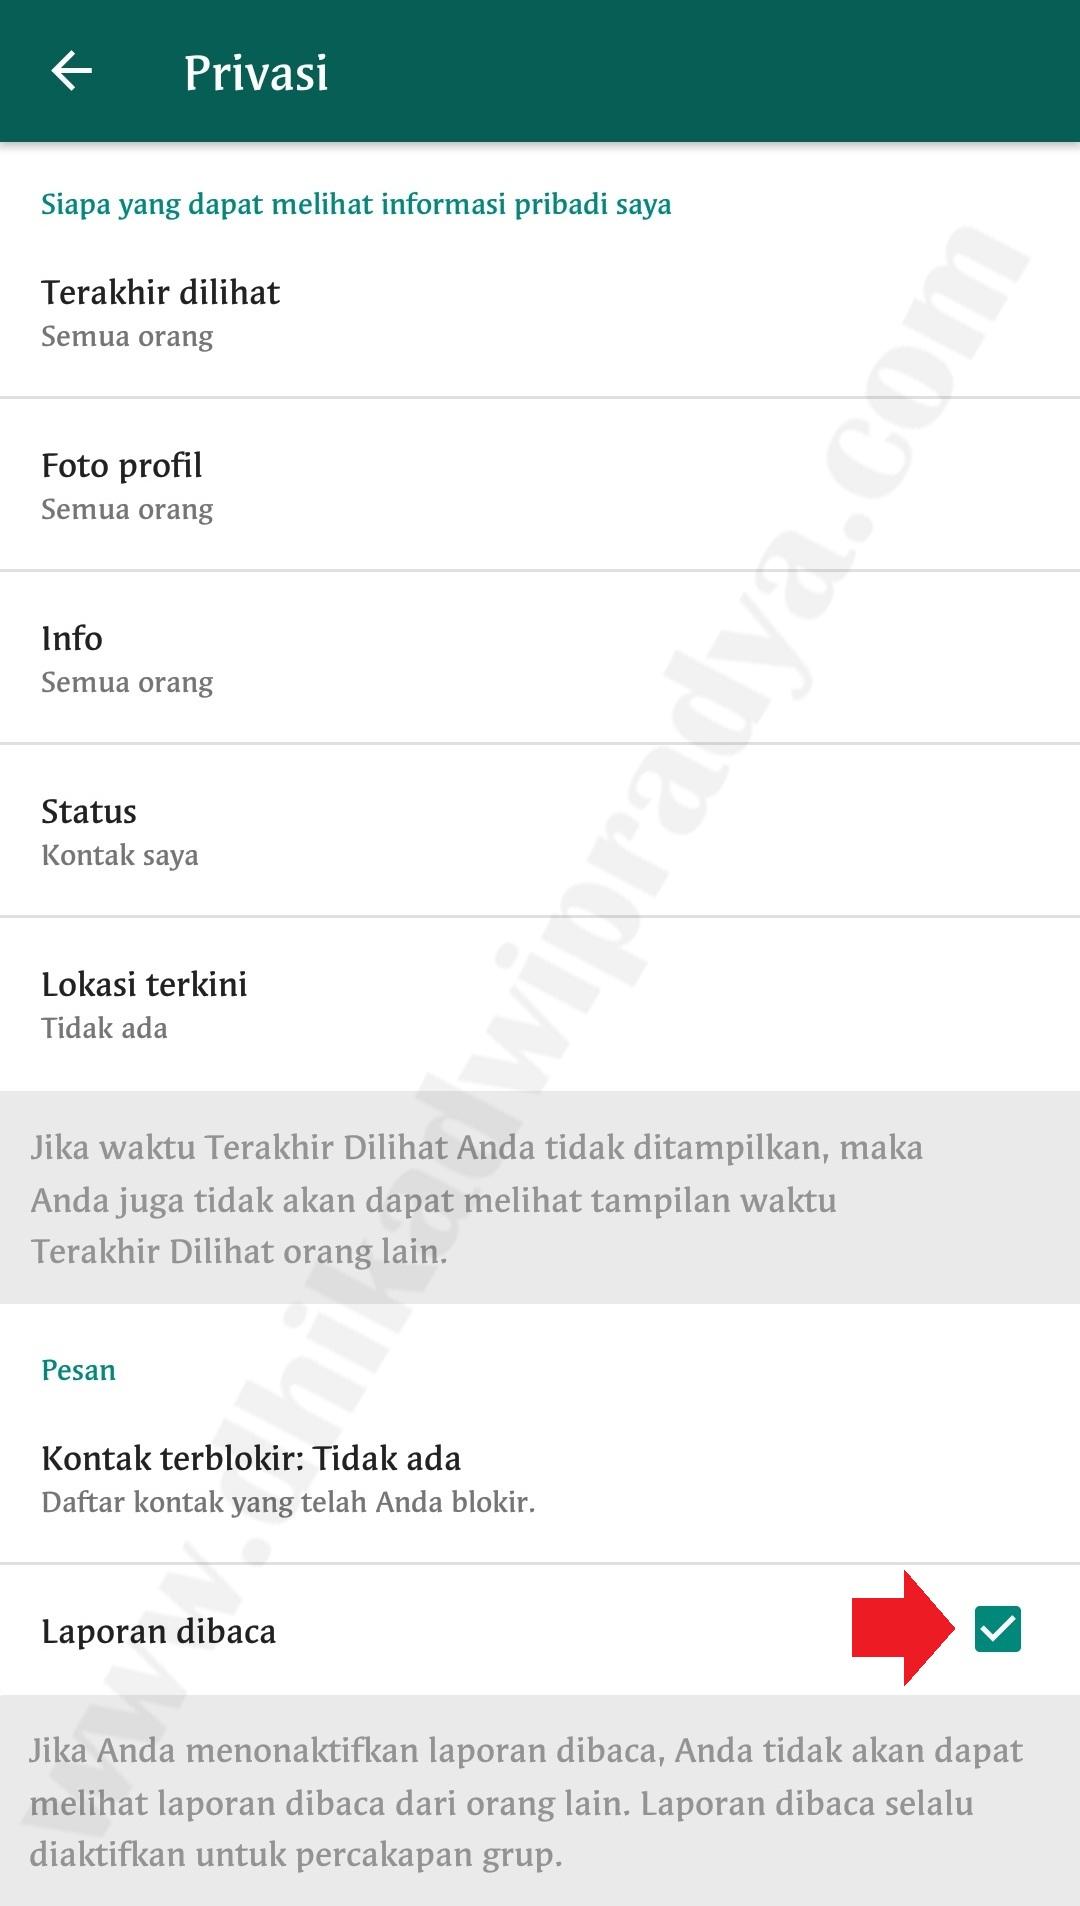 cara-menyembunyikan-status-dibaca-pada-pesan-whatsapp6-dhikadwipradya